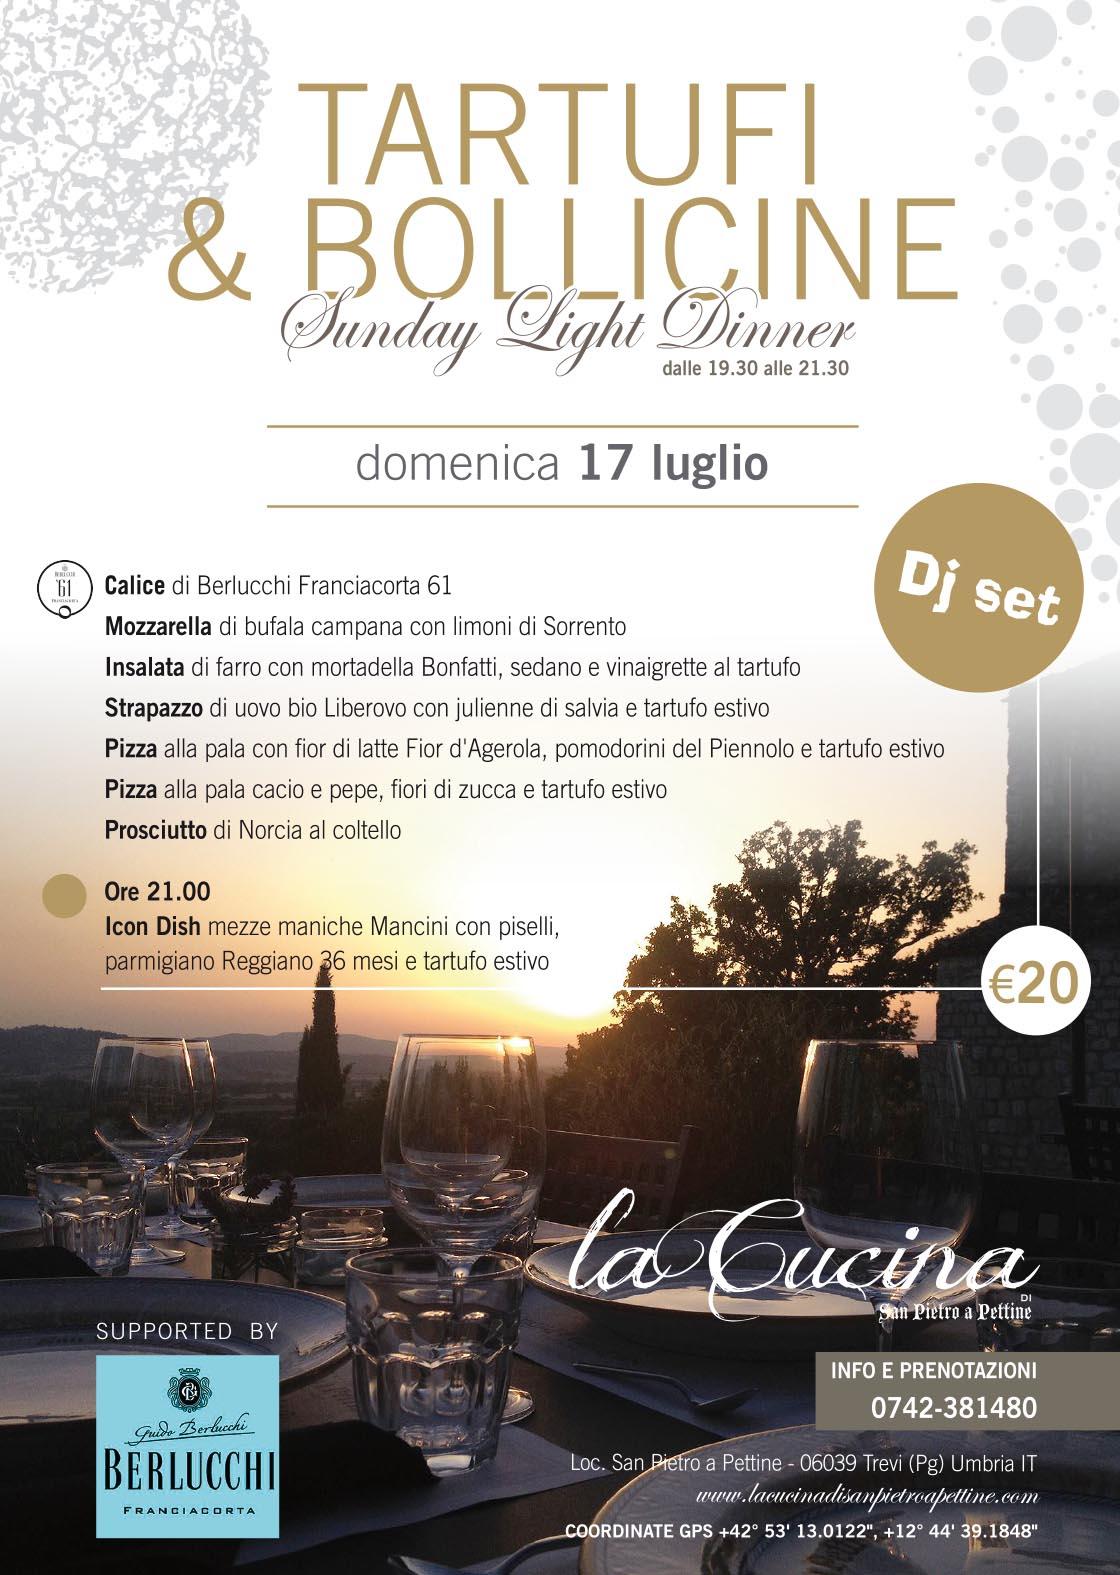 Tartufi & Bollicine 17 Luglio